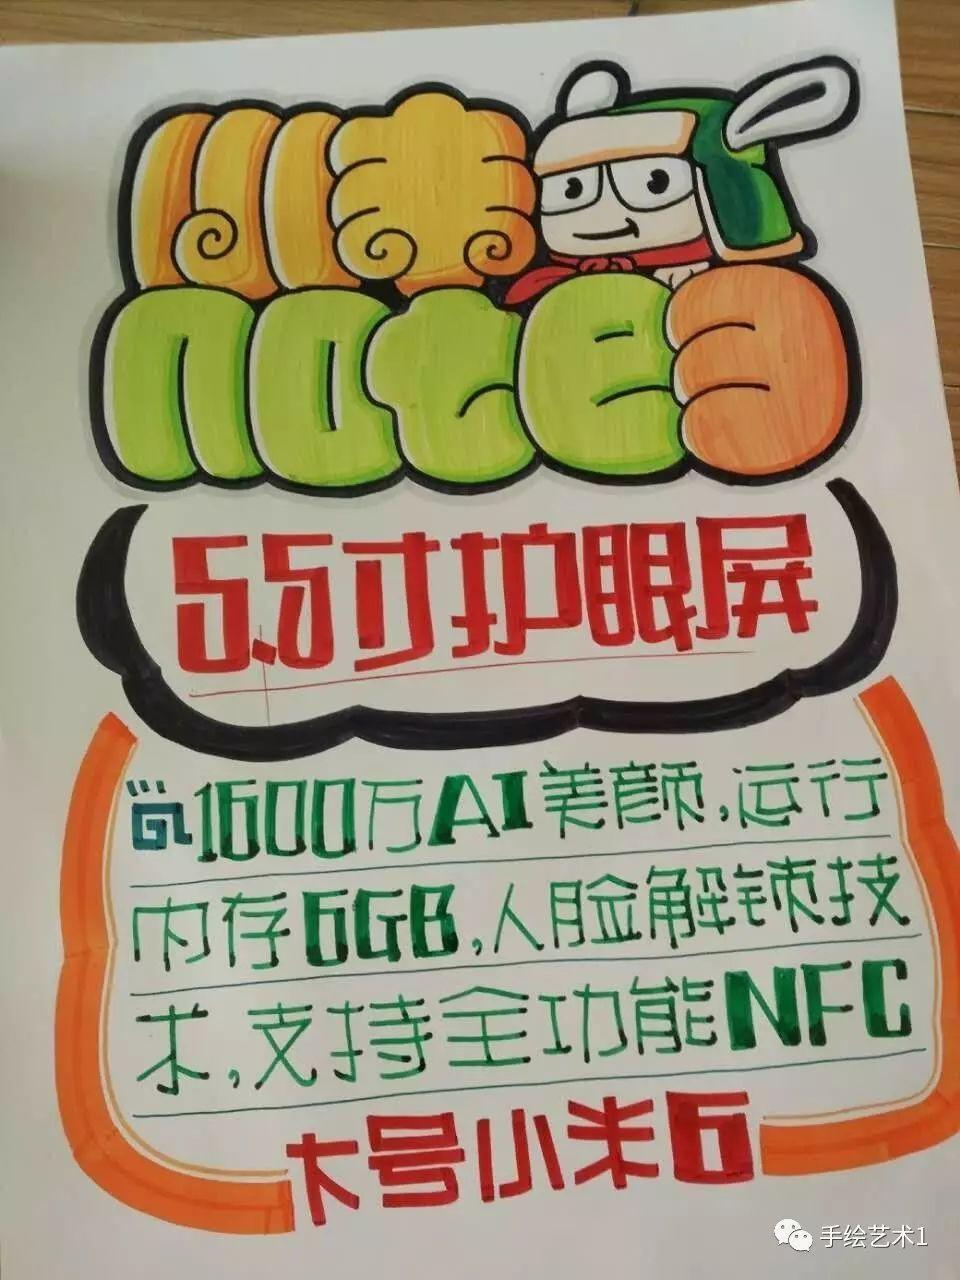 【手绘pop作品】如此的胖胖字体标题和正体字海报